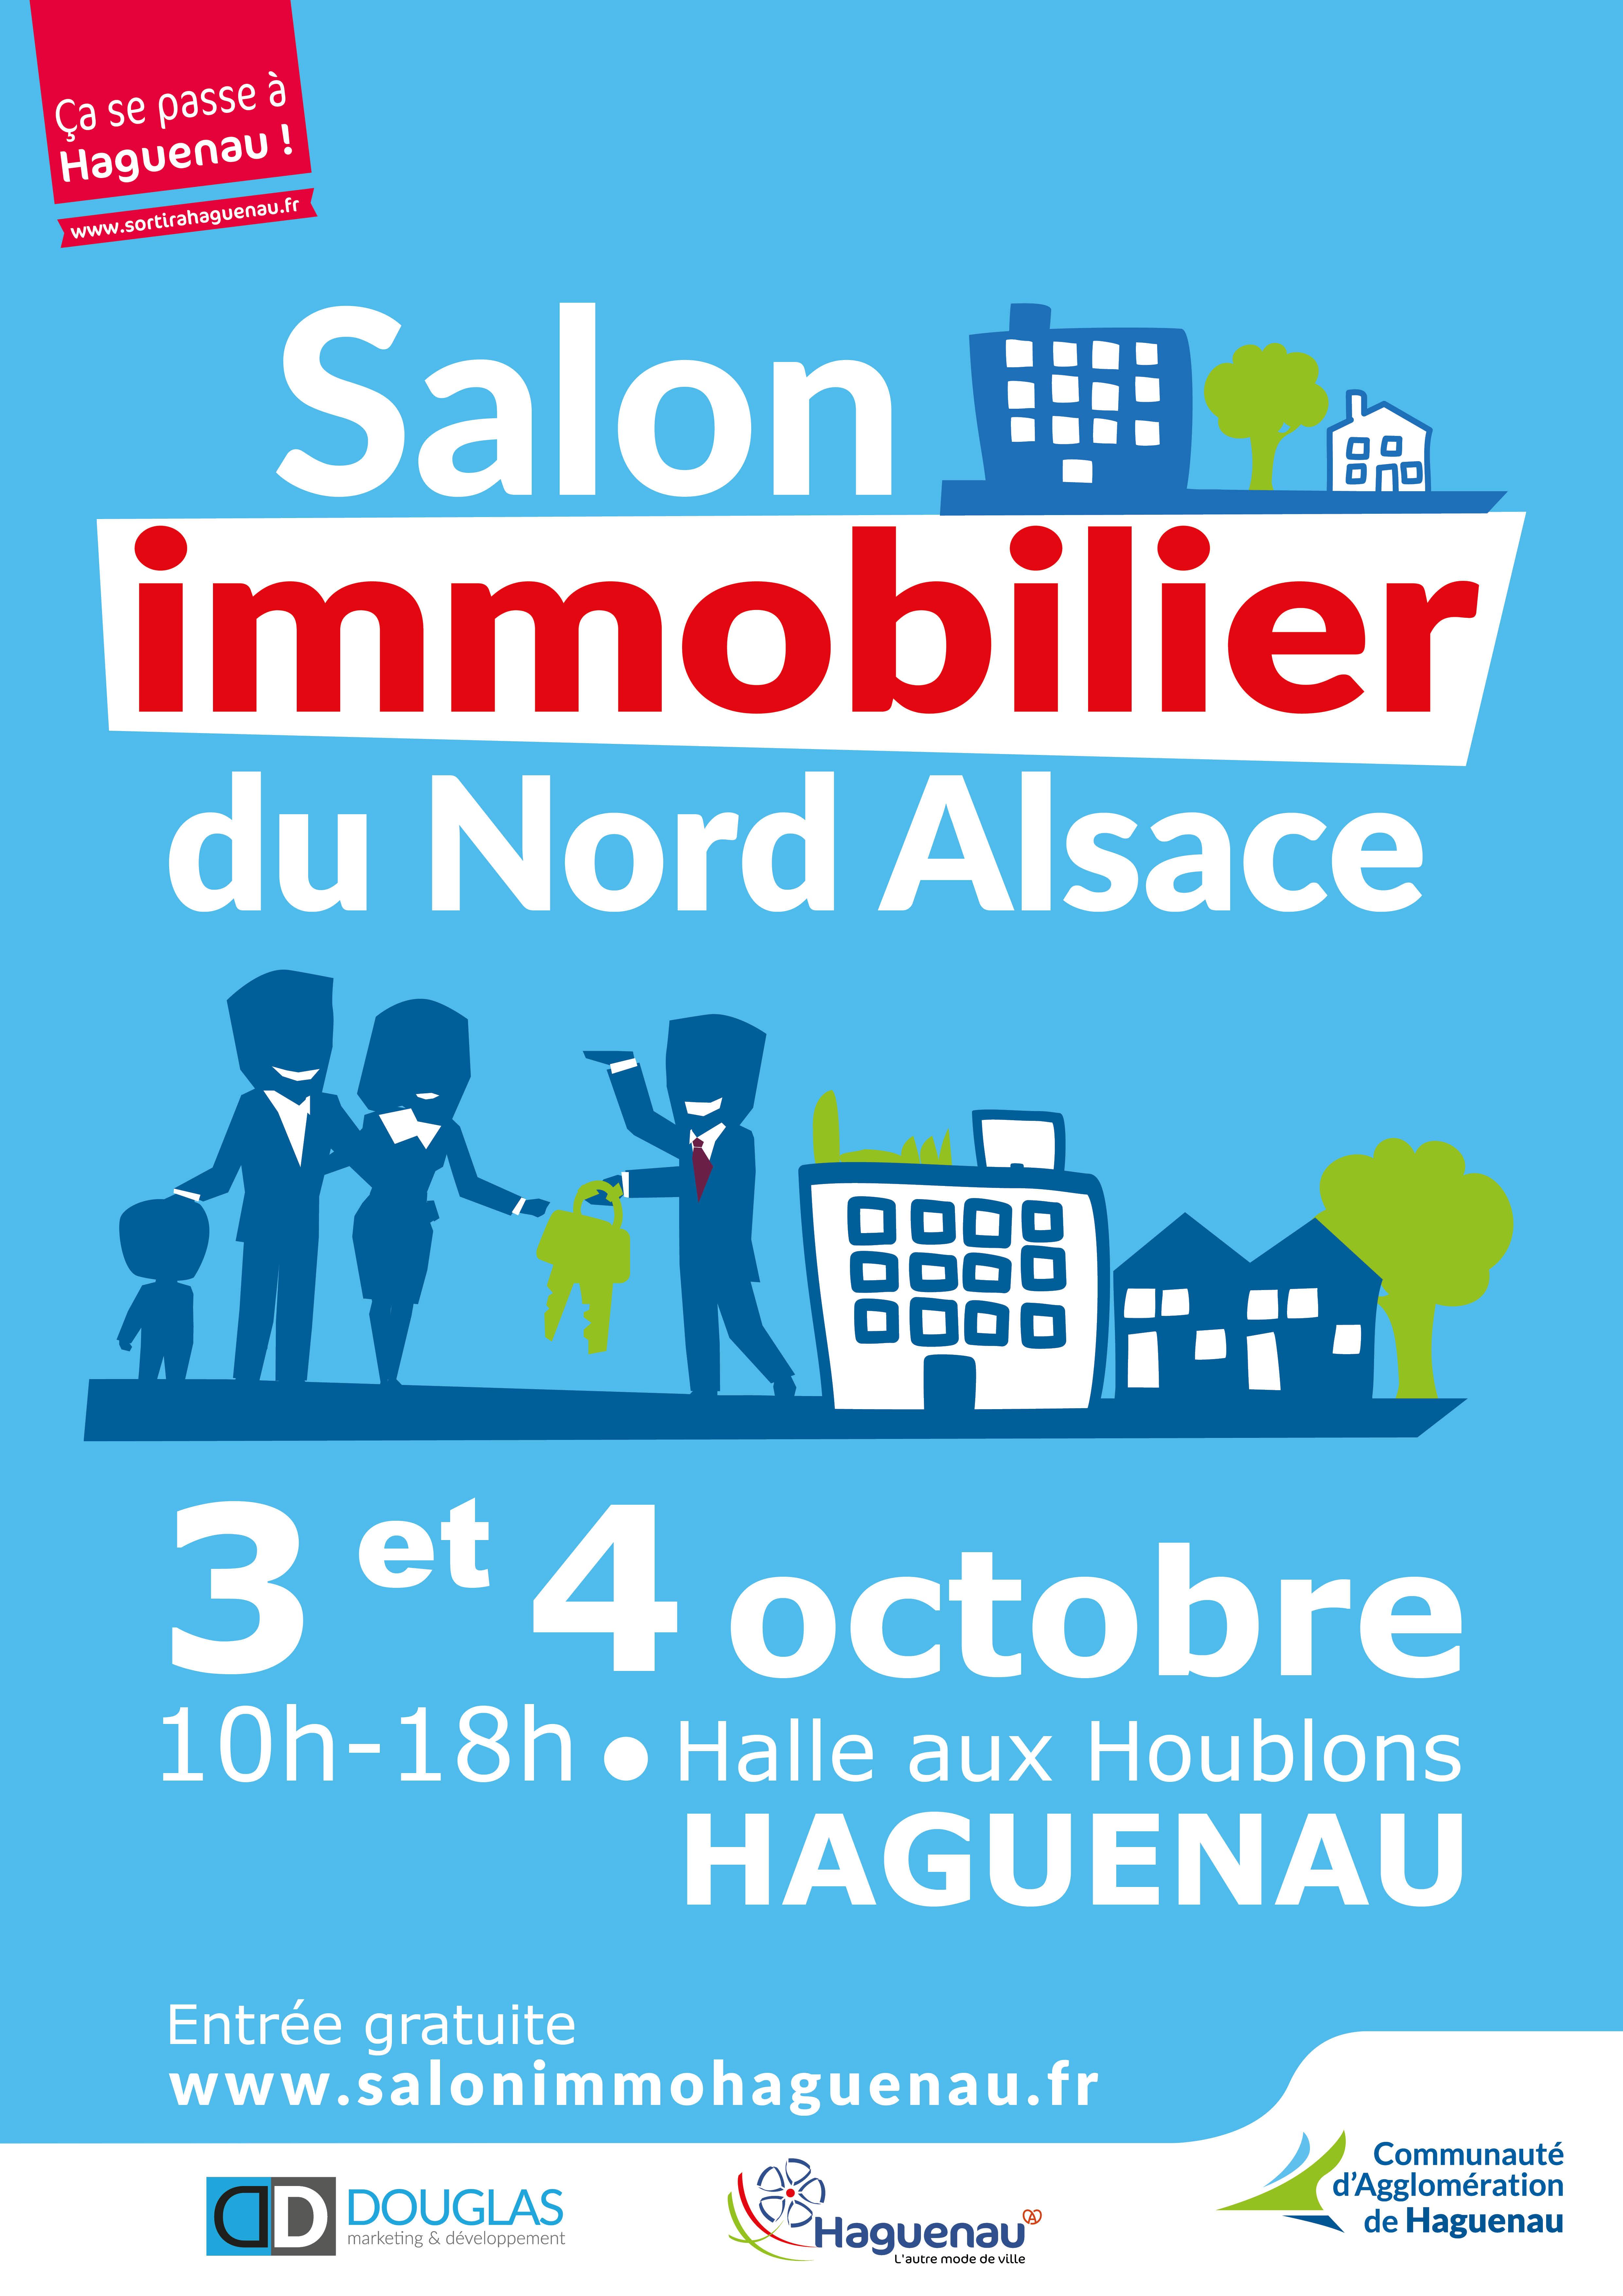 Salon Immobilier du Nord Alsace